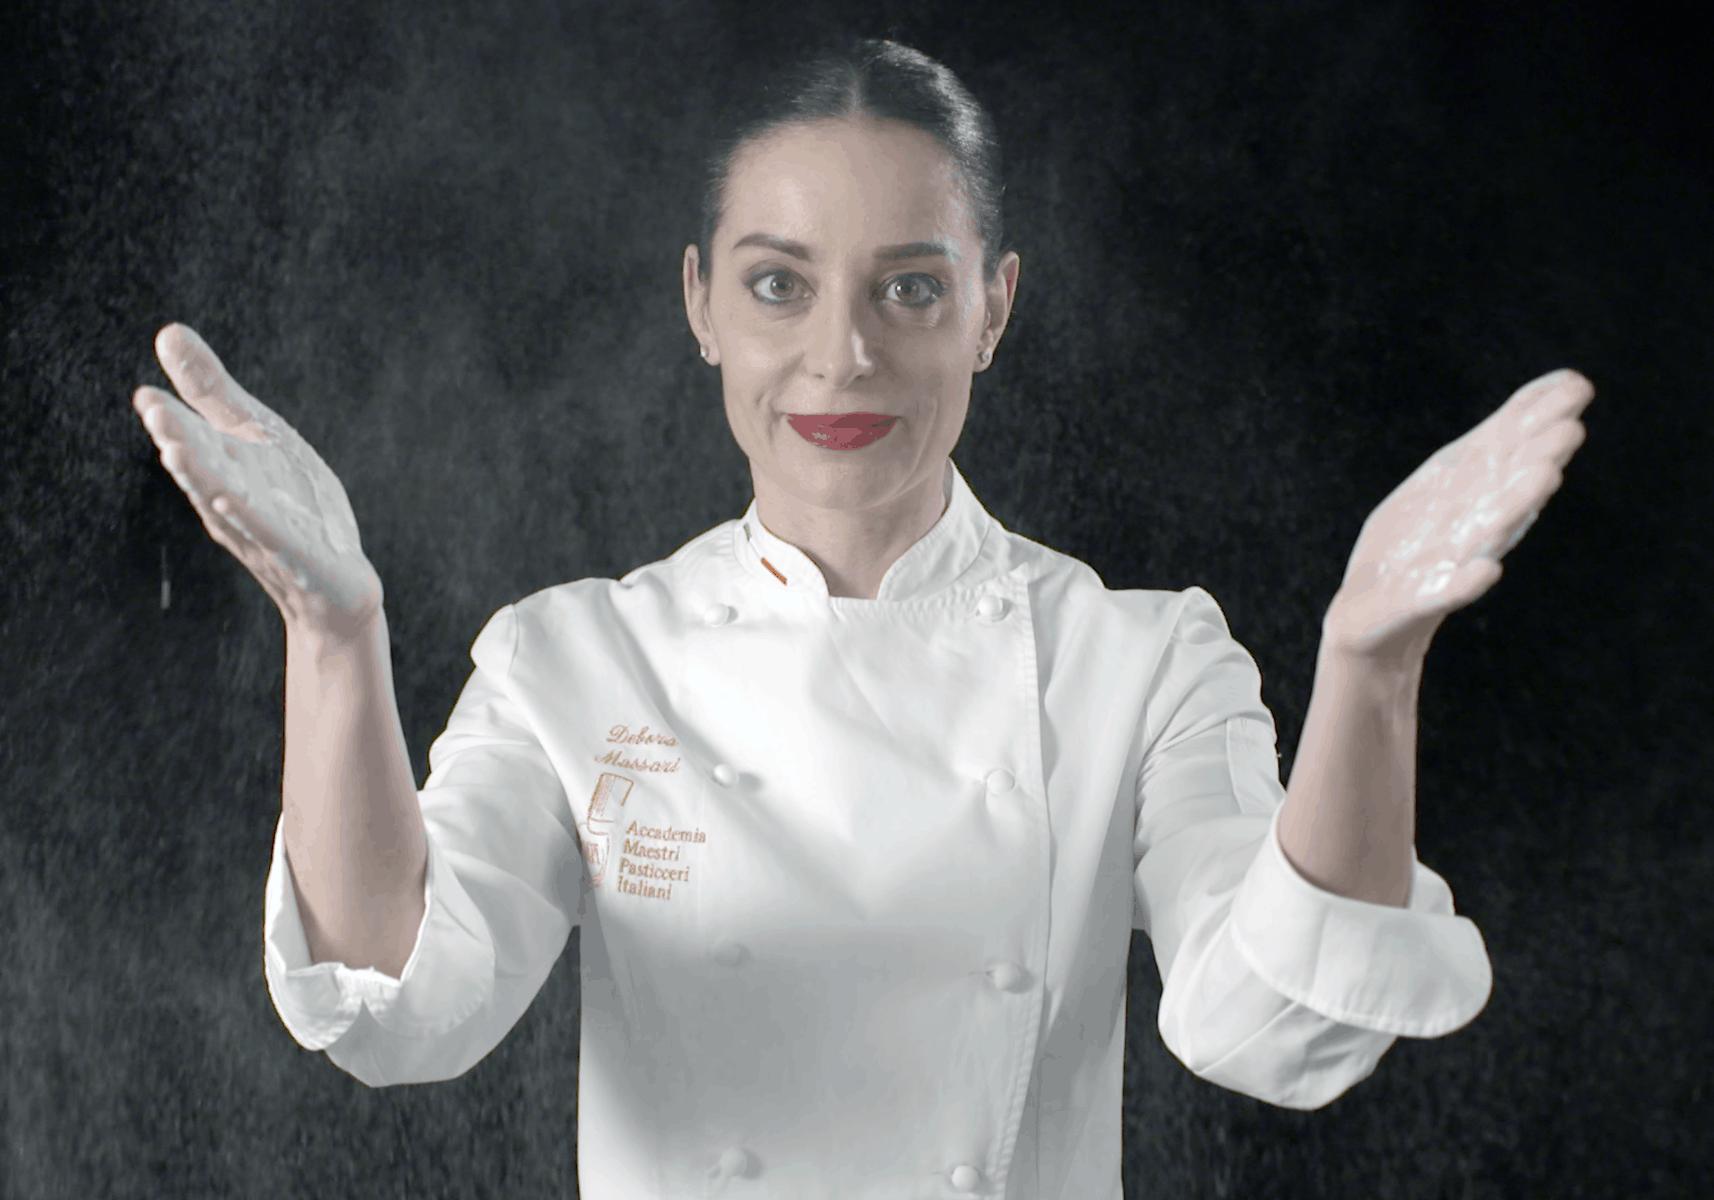 ACADÈMIA・ Chef in Camicia